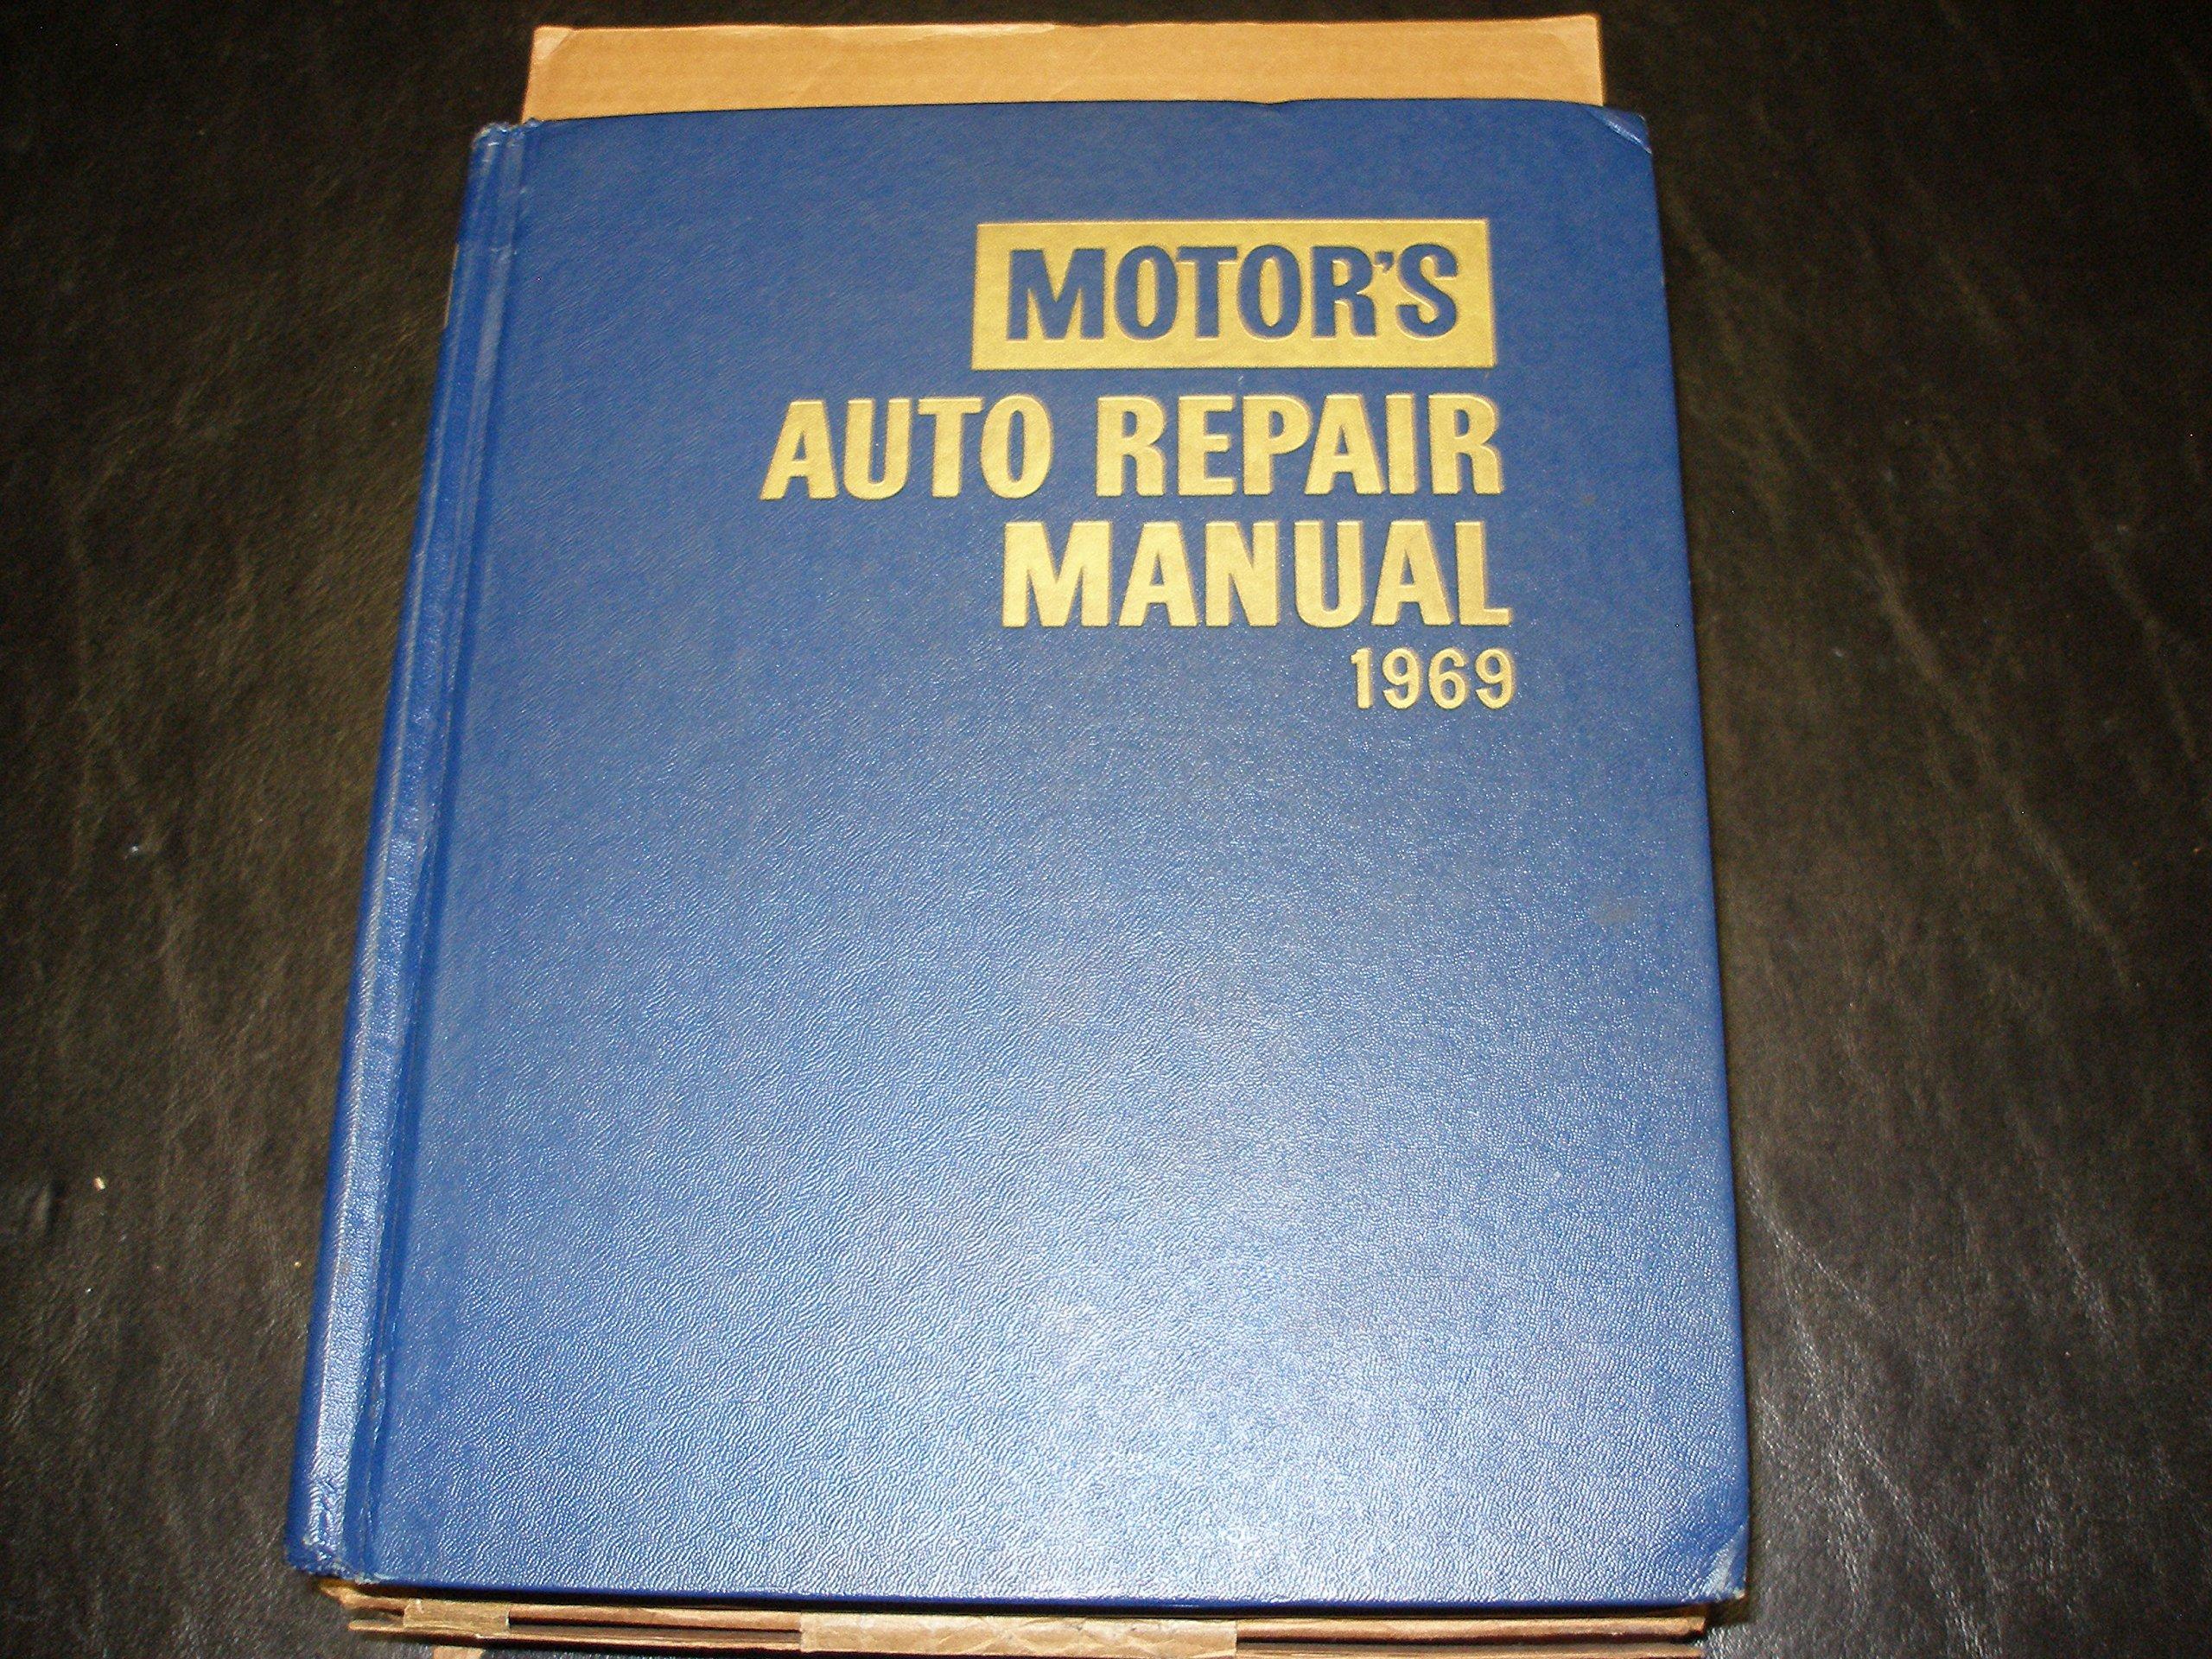 motor s auto repair manual 1969 motor manuals amazon com books rh amazon com auto manual book auto manual books haynes